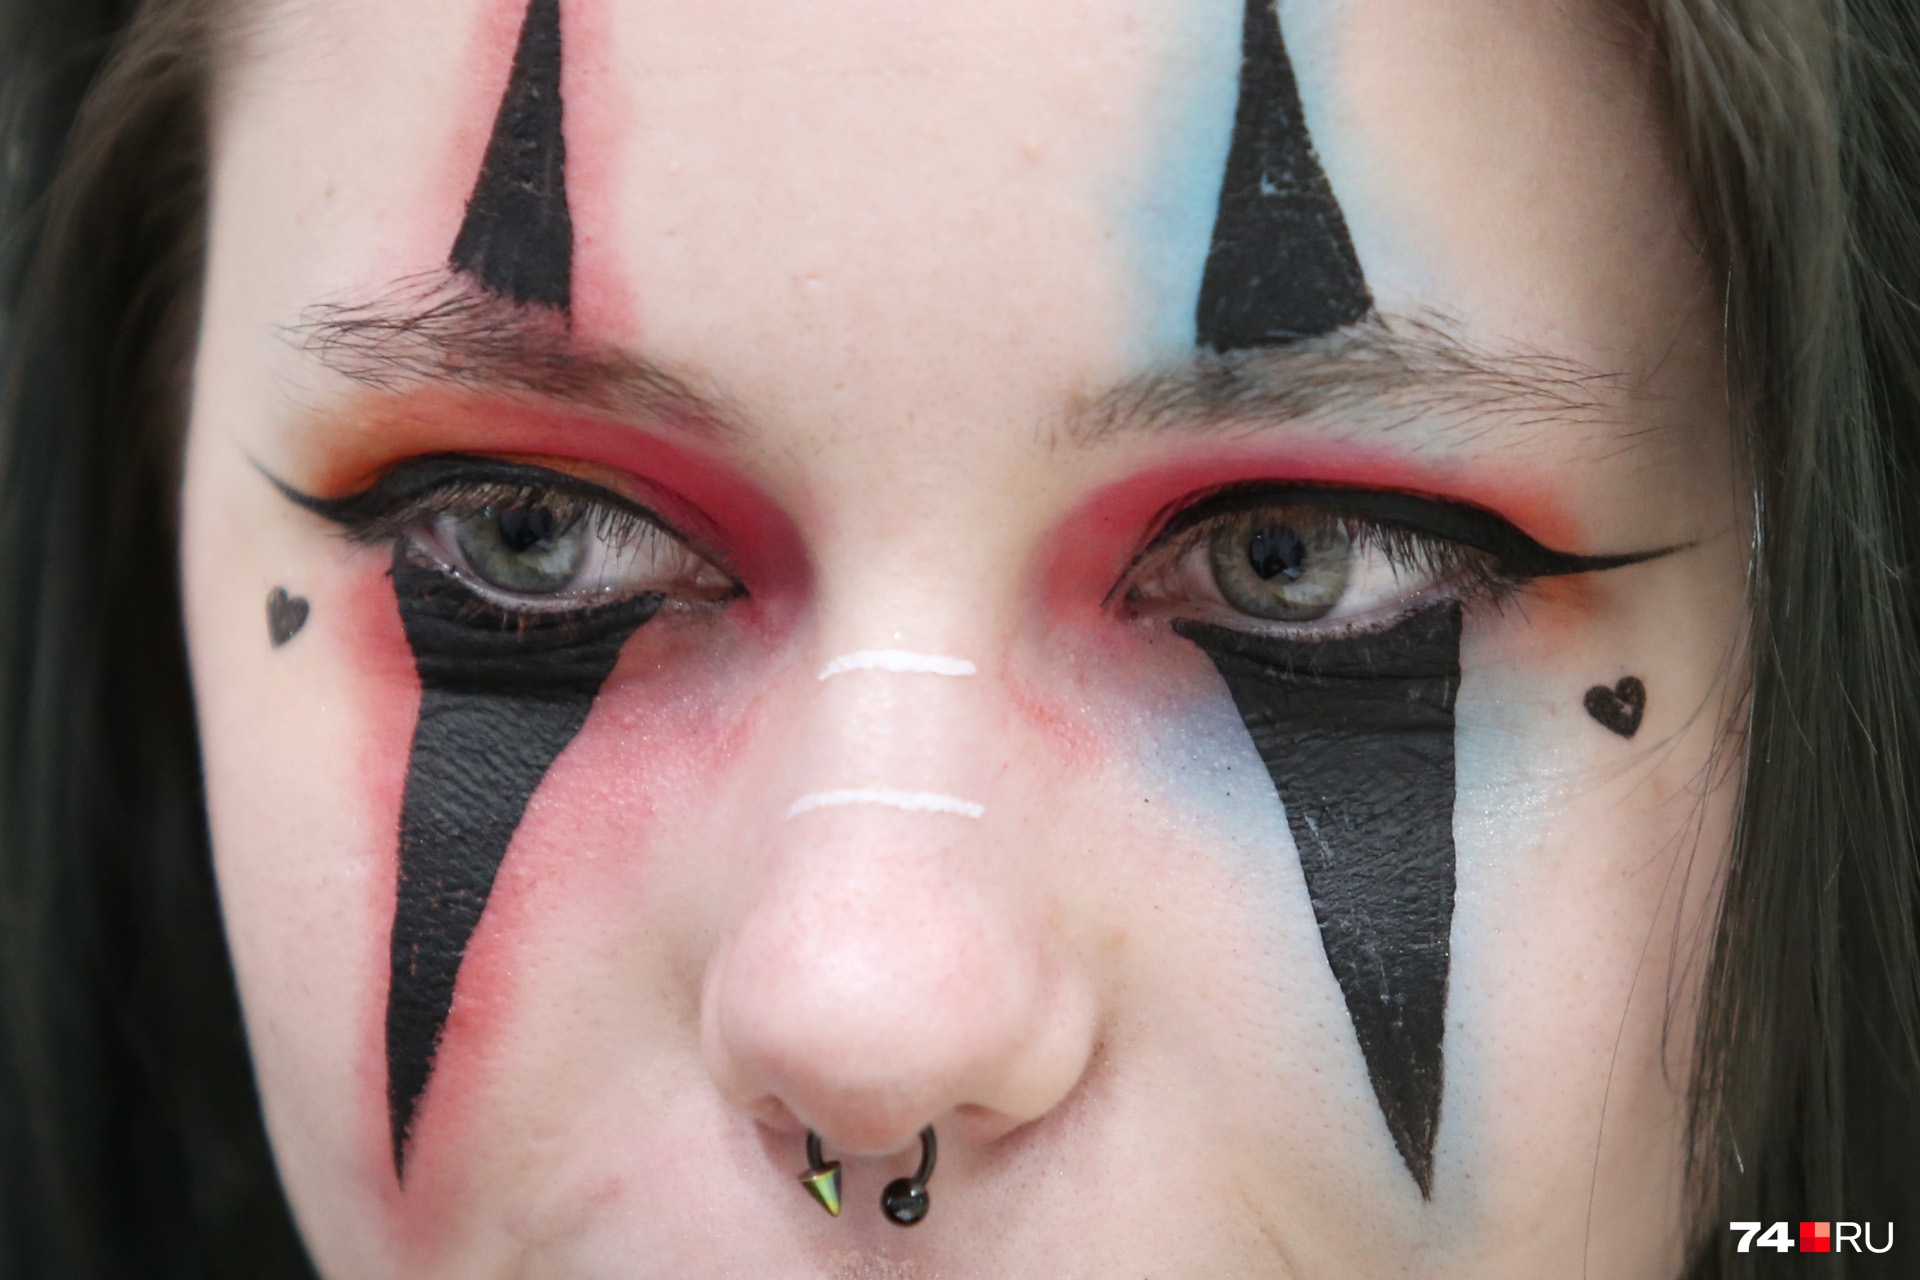 Эпатажный макияж — фишка юной звезды TikTok